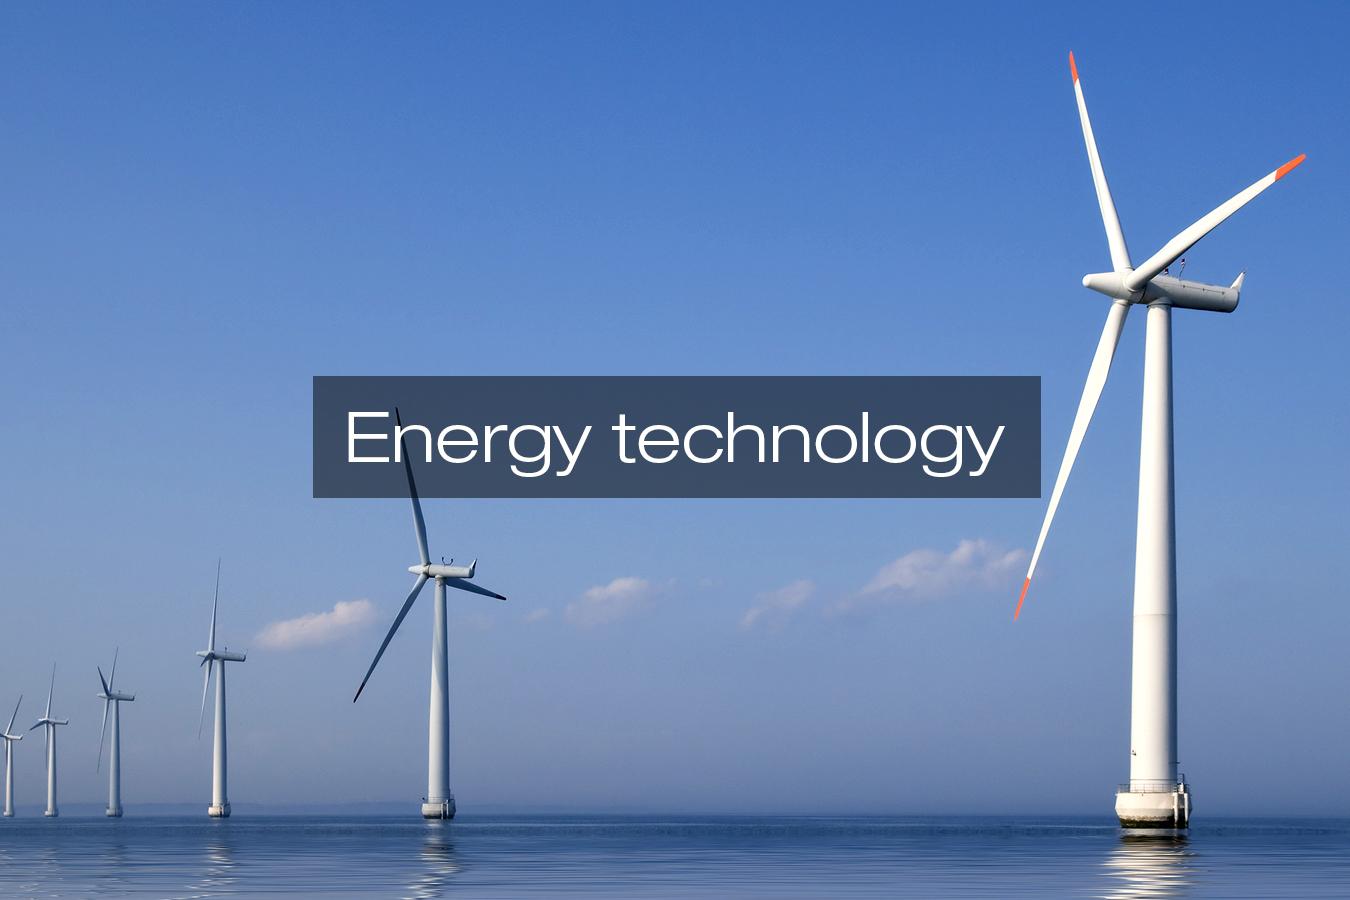 Zahnradfertigung OTT | Branche Energietechnik